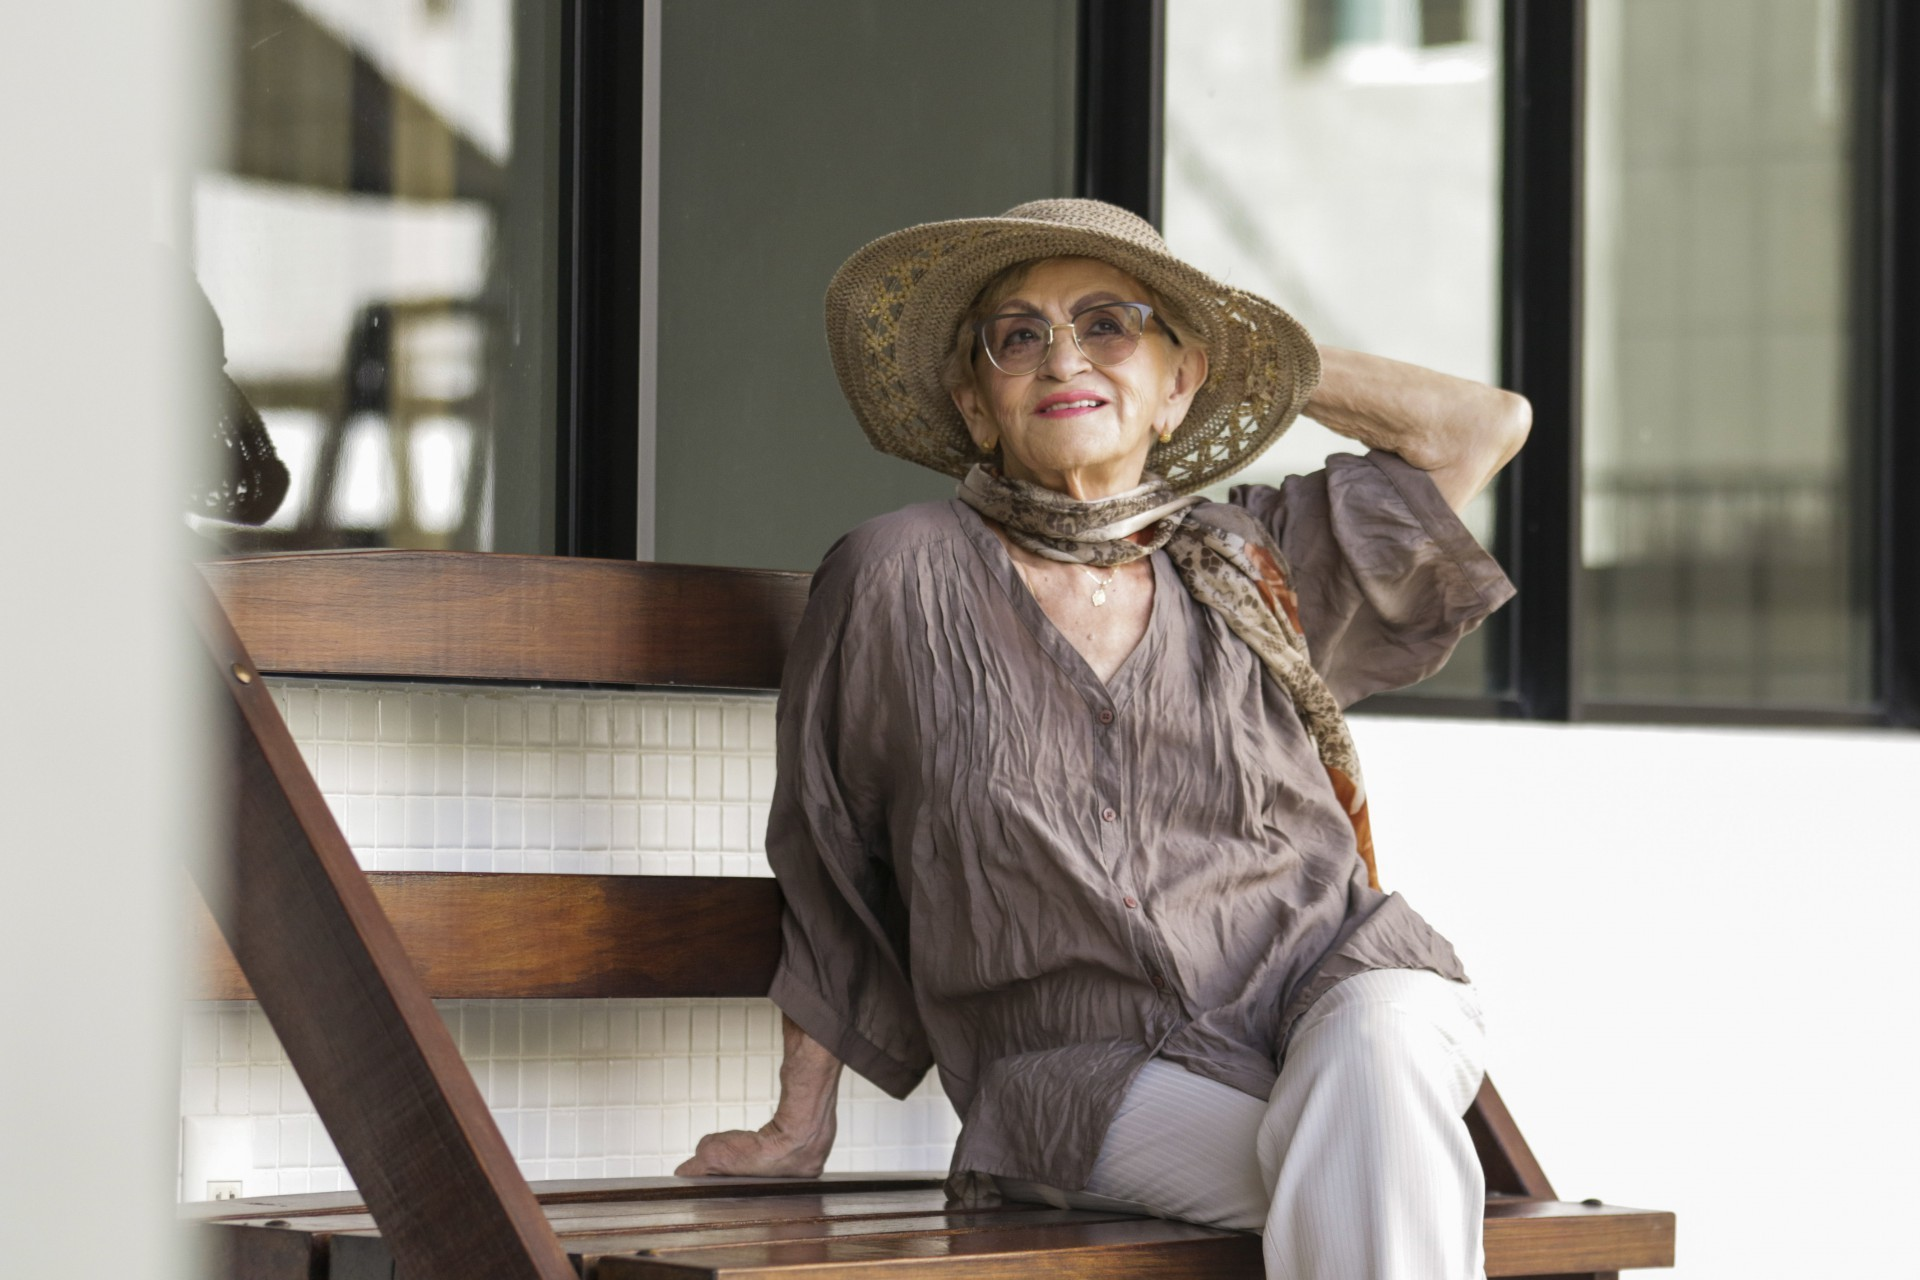 Cantora Marivalda Kariri comemora 80 anos com repertório de músicas lusitanas  (Foto: (Thais Mesquita/OPOVO))